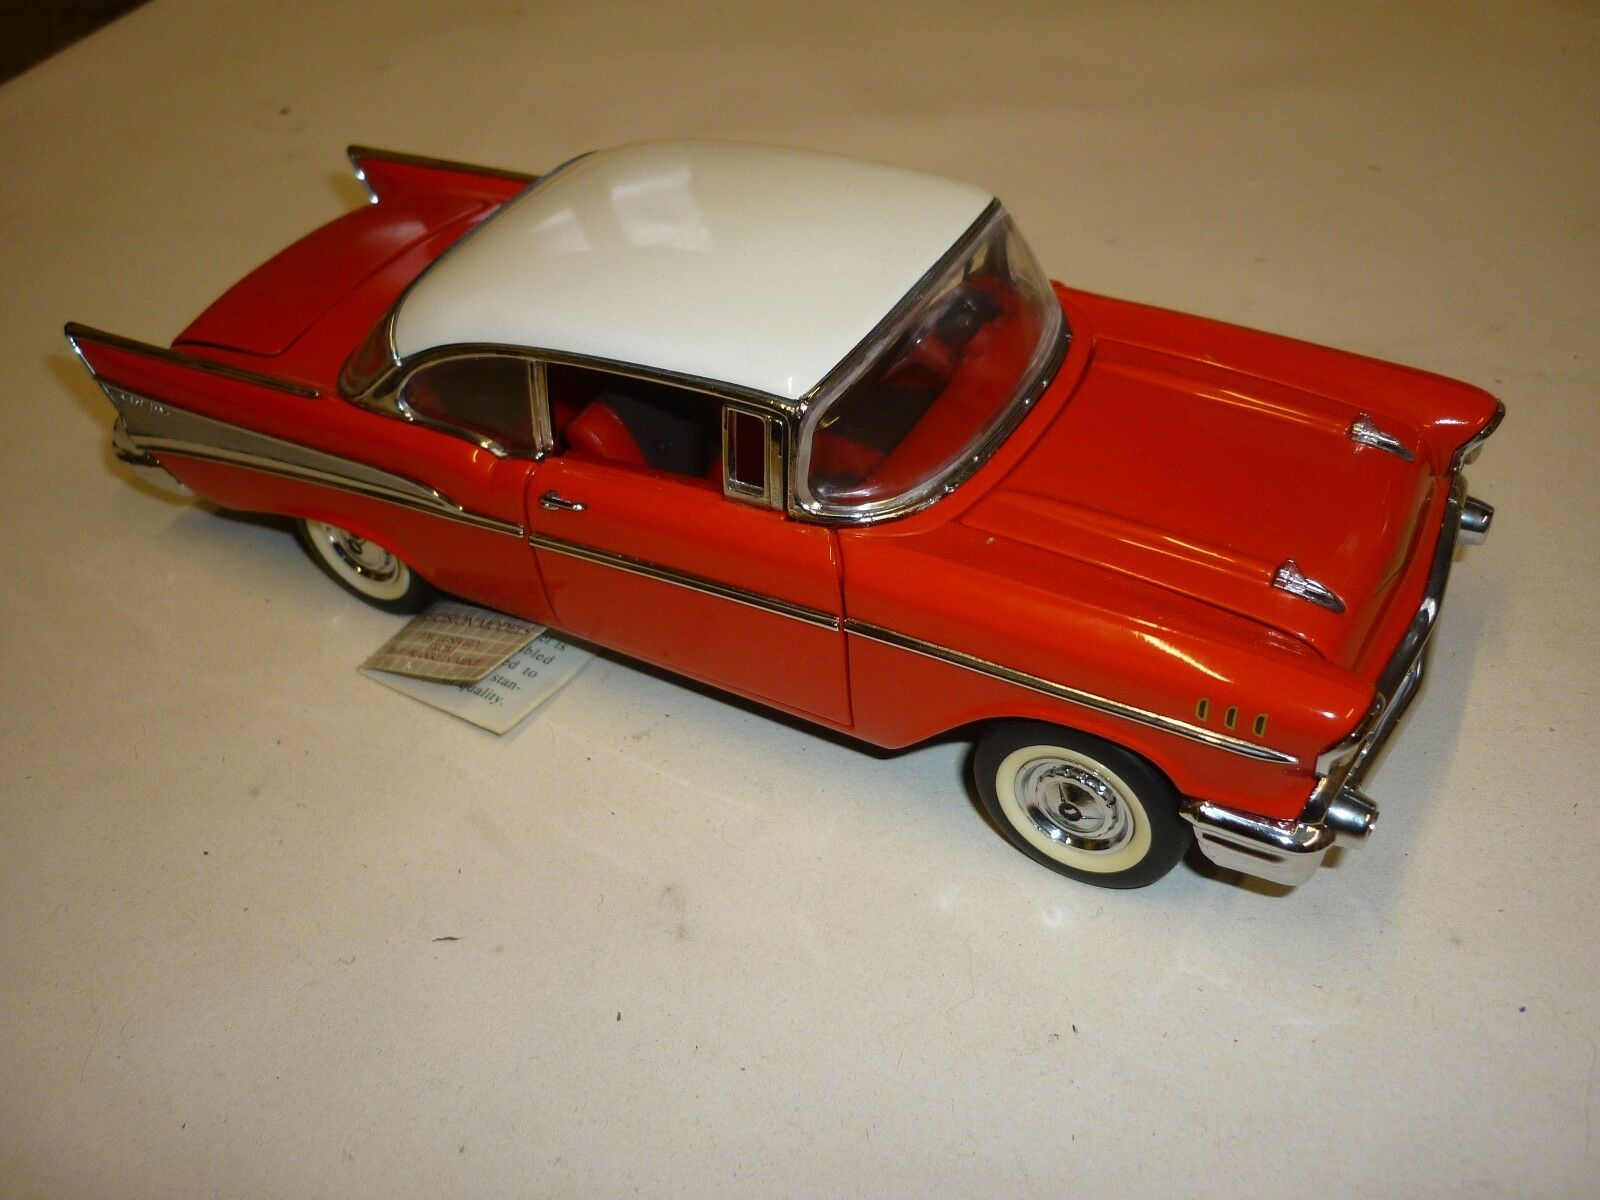 Franklin mint modell auto des 1957er chevrolet bel air, hardtop